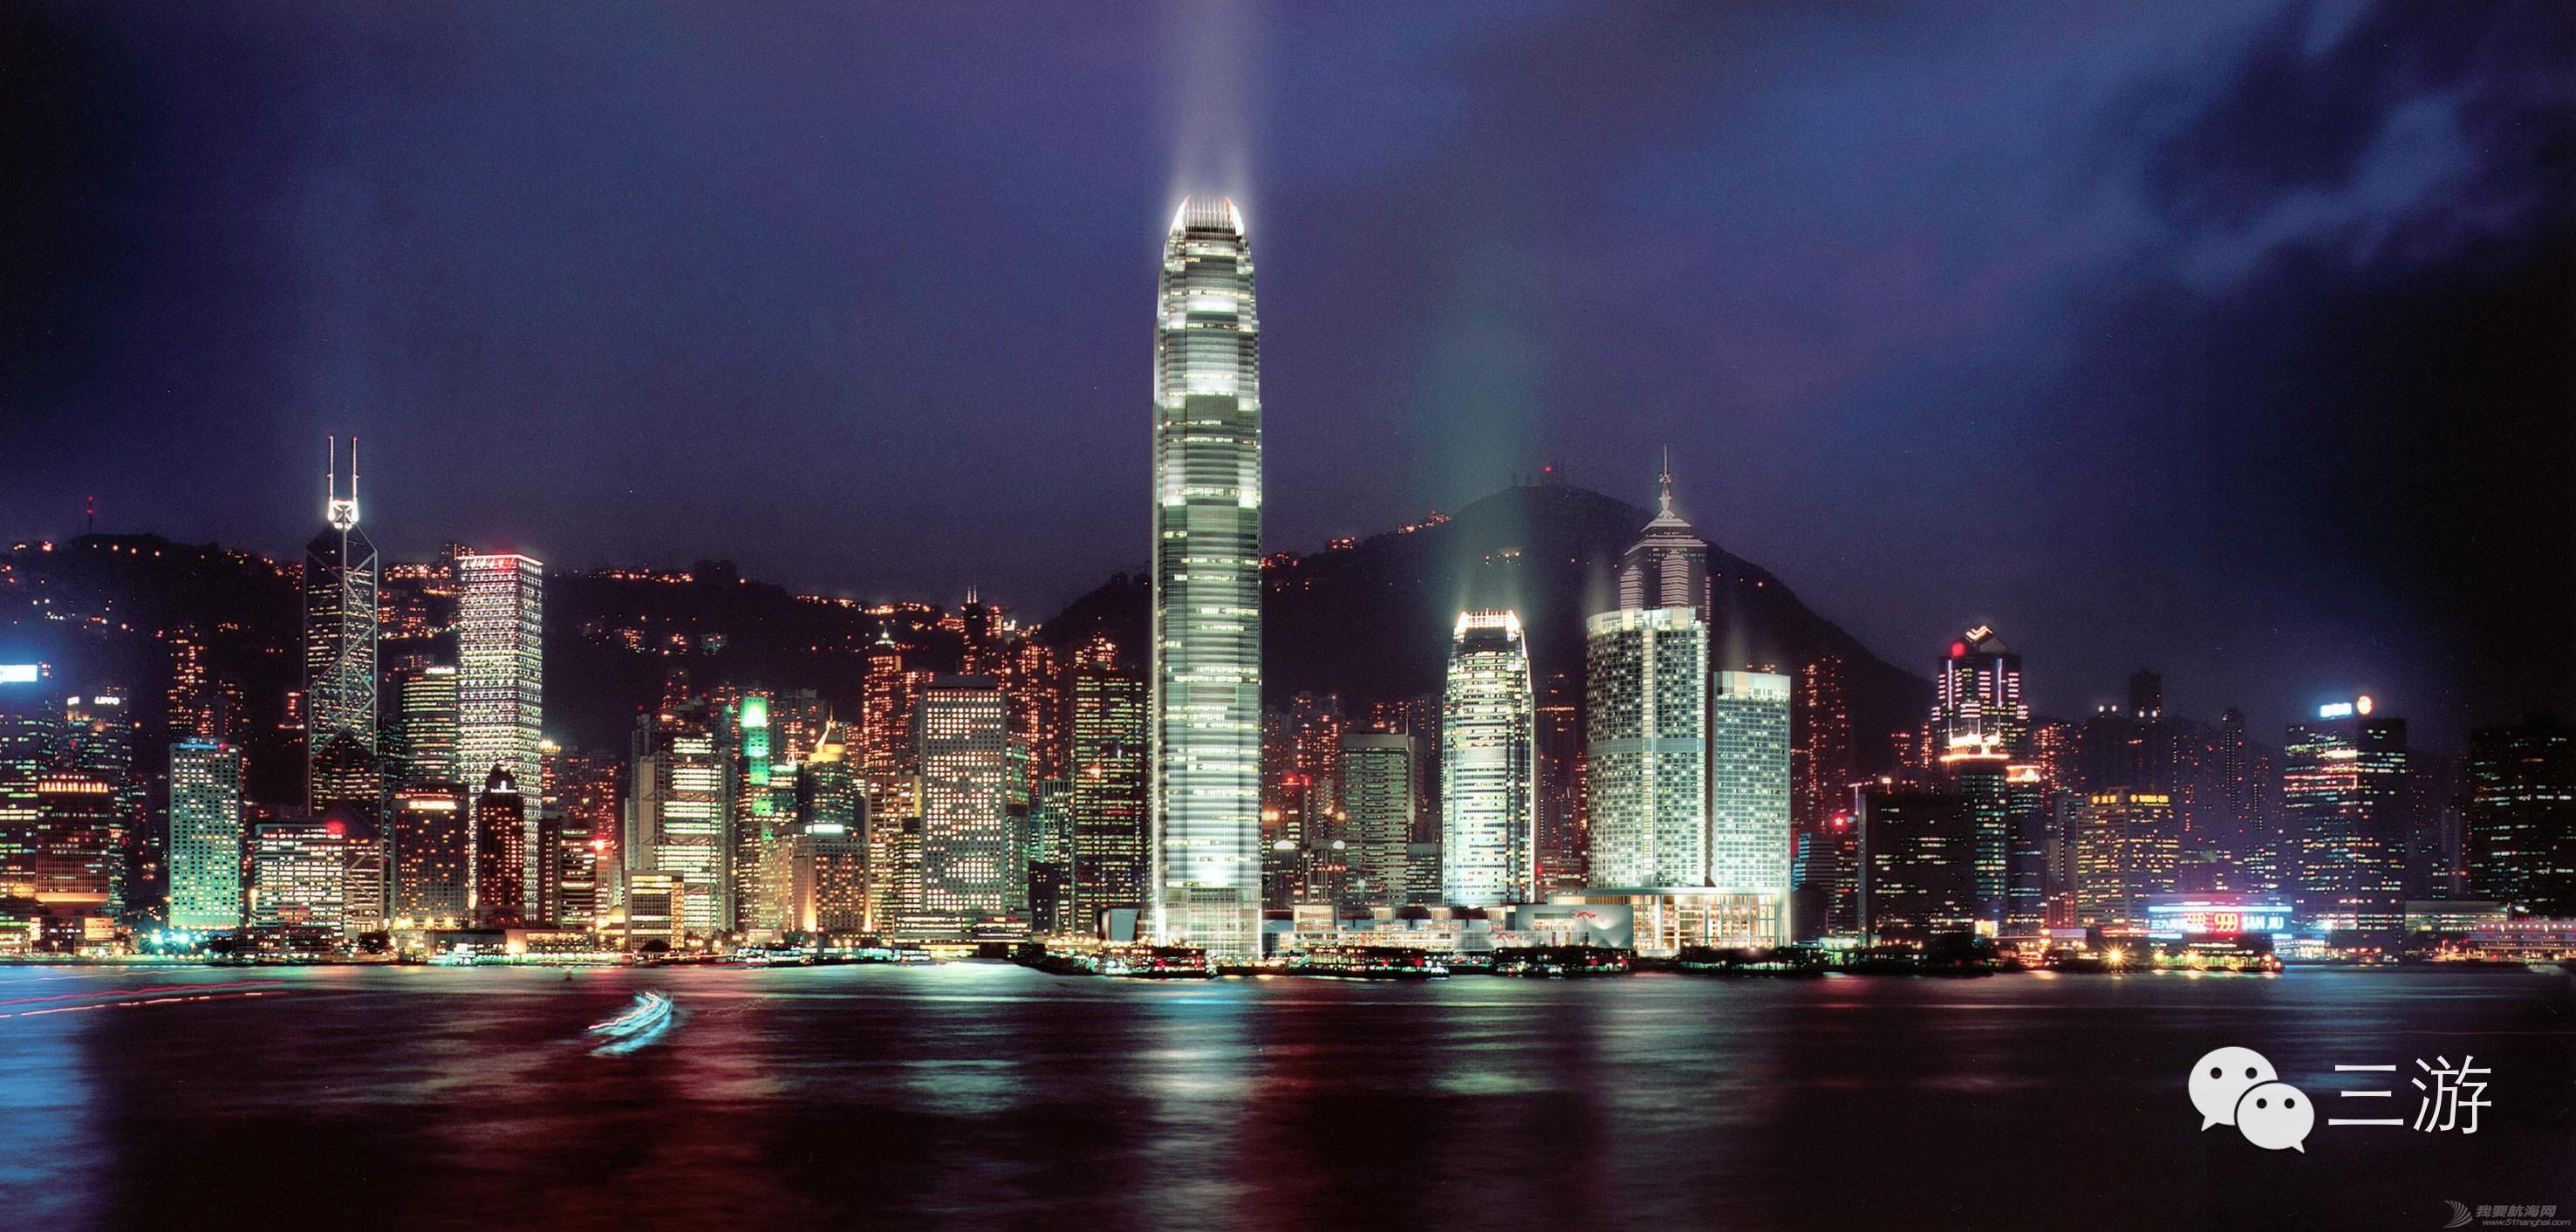 通知书,代理人,申报表,证明书,香港 游艇船长驾艇离开香港水域须知(小知识) 8919539b4bb9912696c8fd267367cba9.jpg